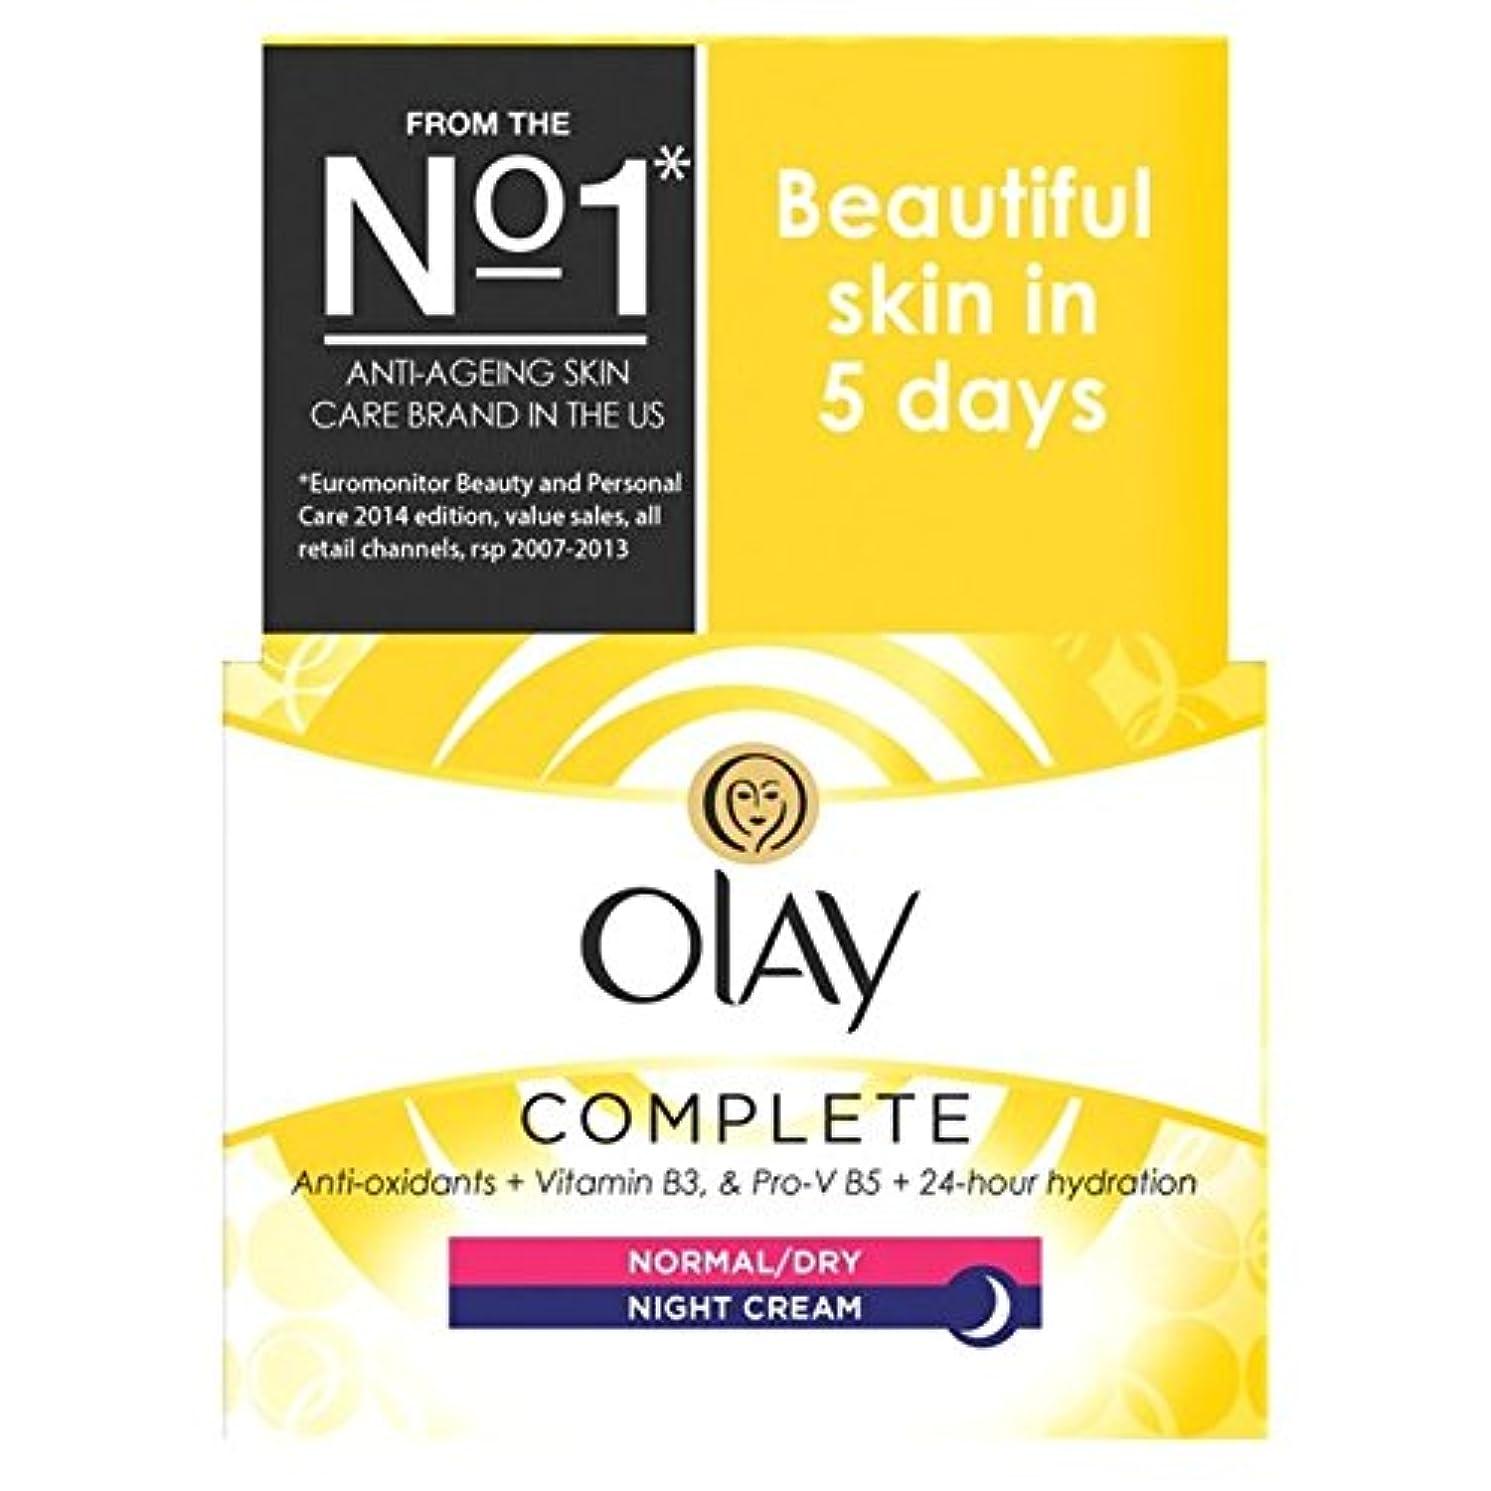 密輸楽しいごちそうオーレイ必需品の完全なケア保湿ナイトクリーム50ミリリットル x4 - Olay Essentials Complete Care Moisturiser Night Cream 50ml (Pack of 4) [並行輸入品]